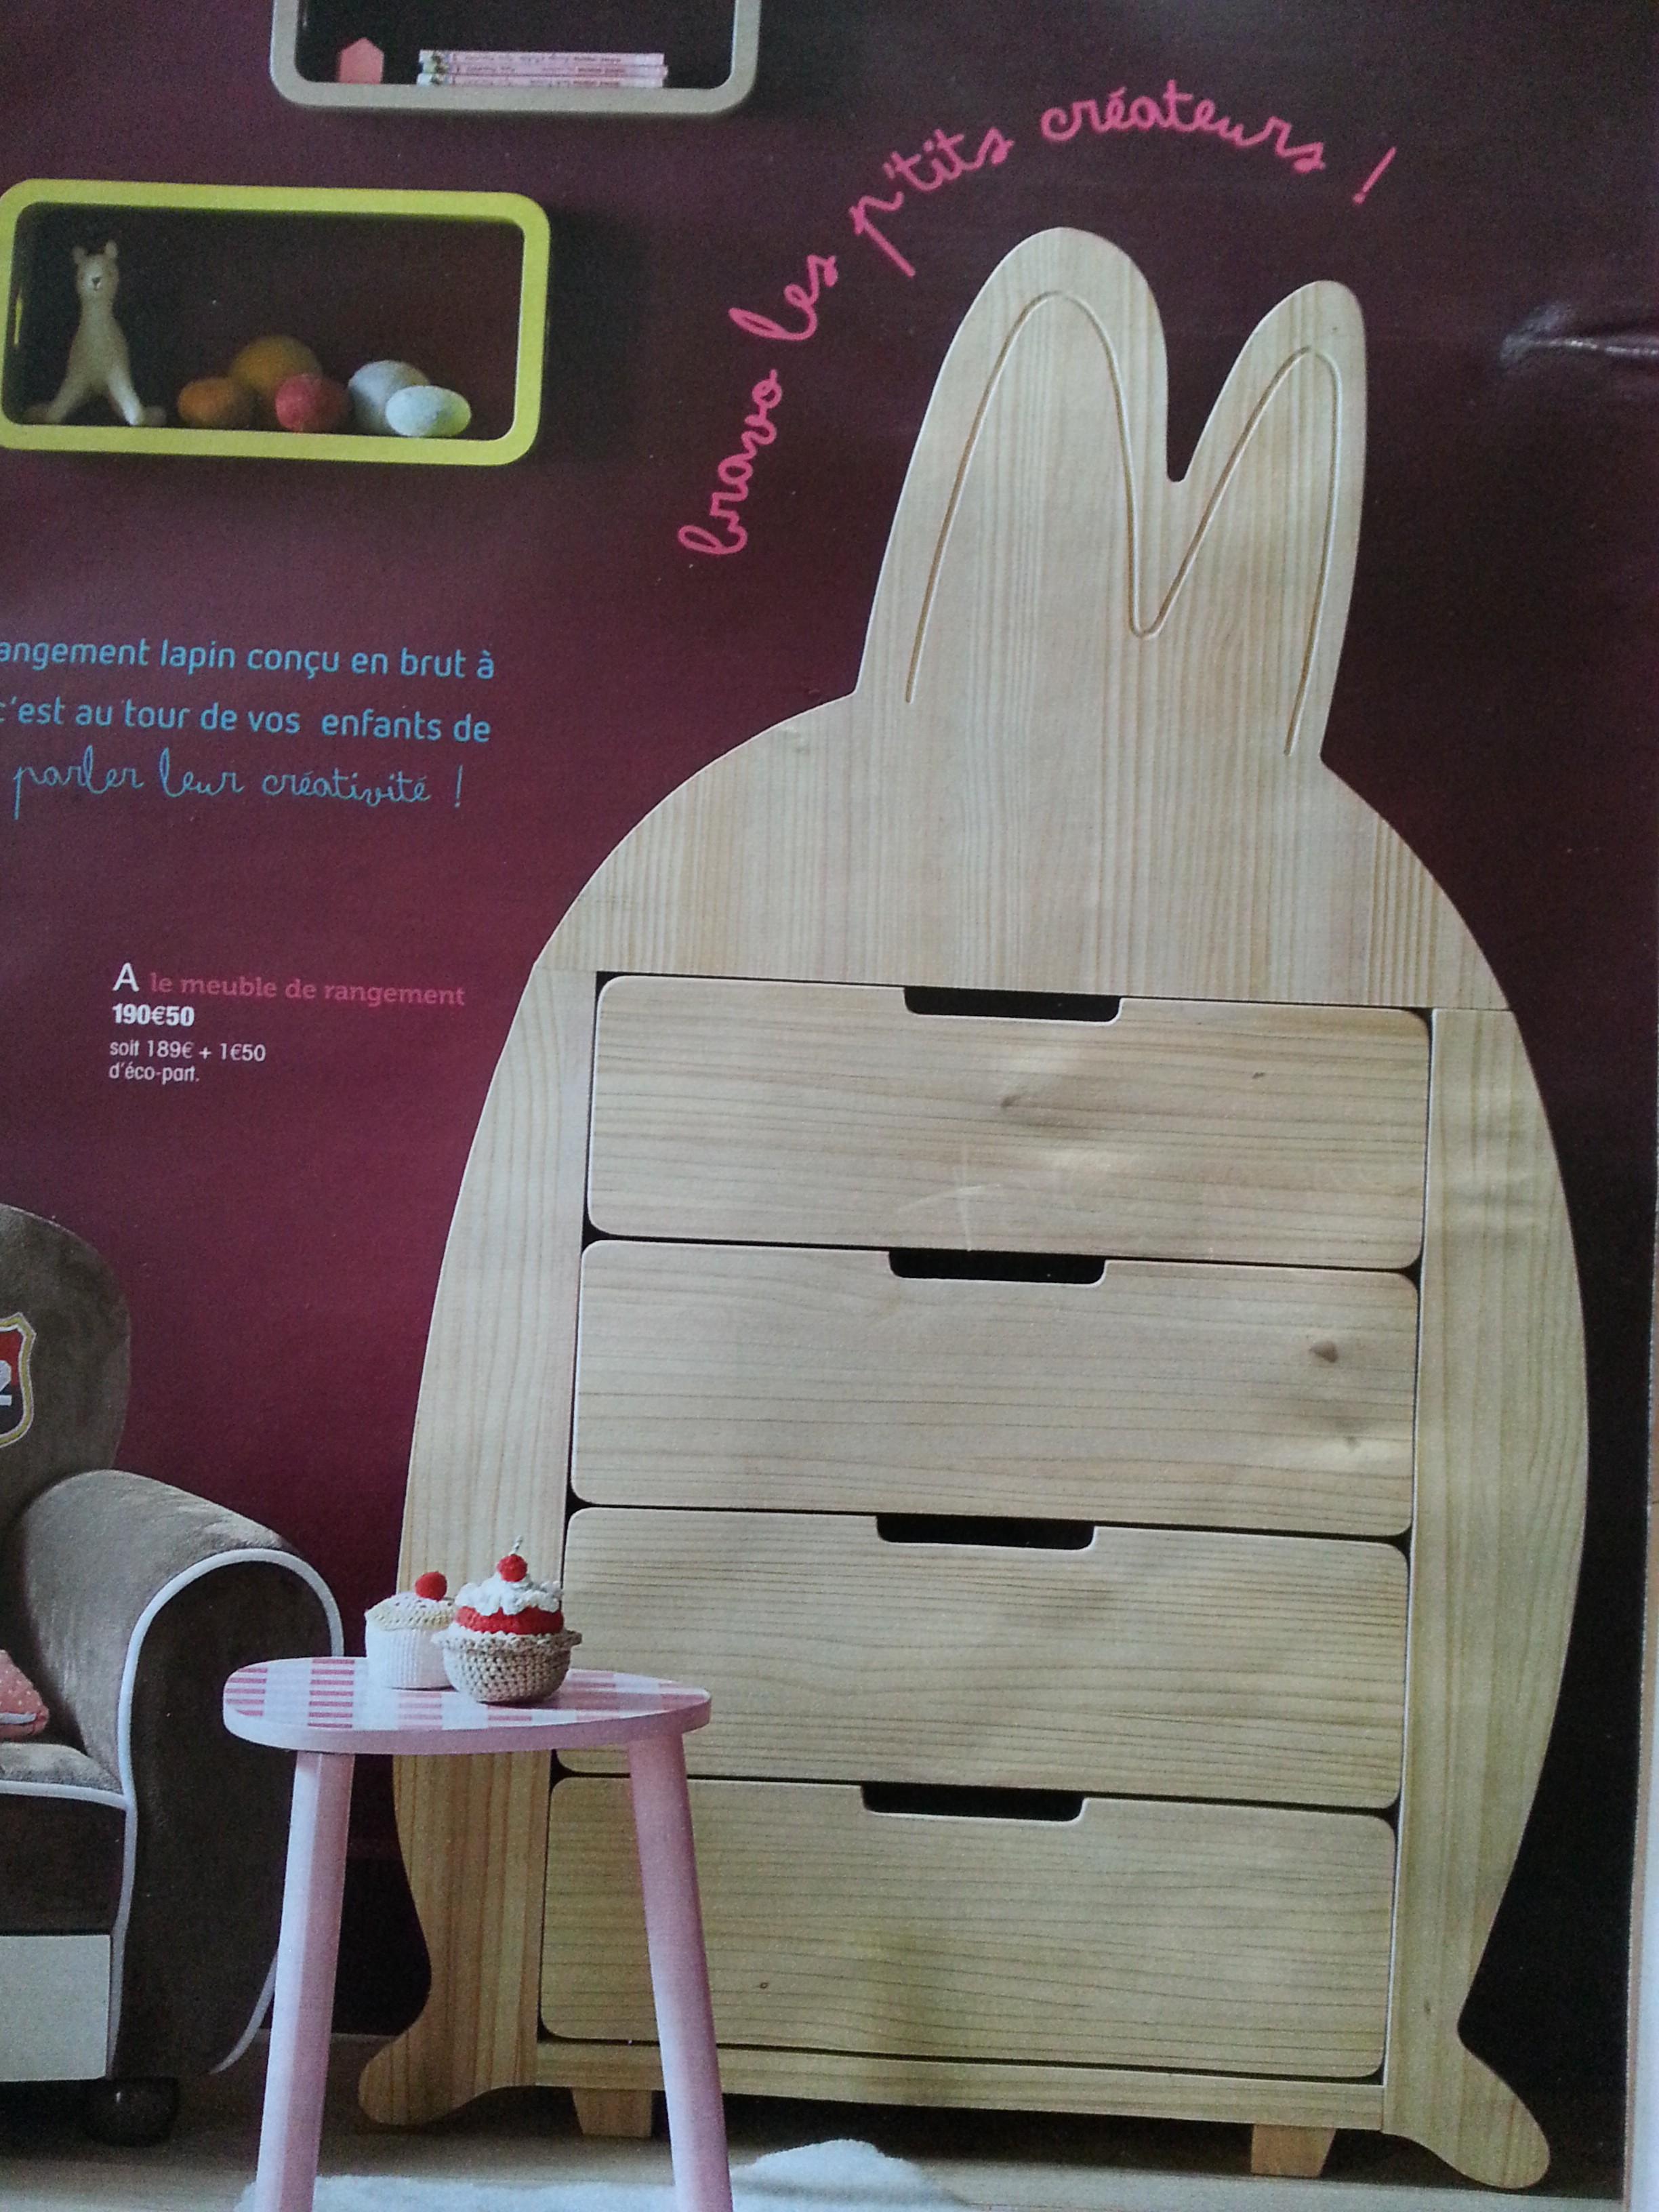 rangement le monde des lapins tout sur les lapins. Black Bedroom Furniture Sets. Home Design Ideas